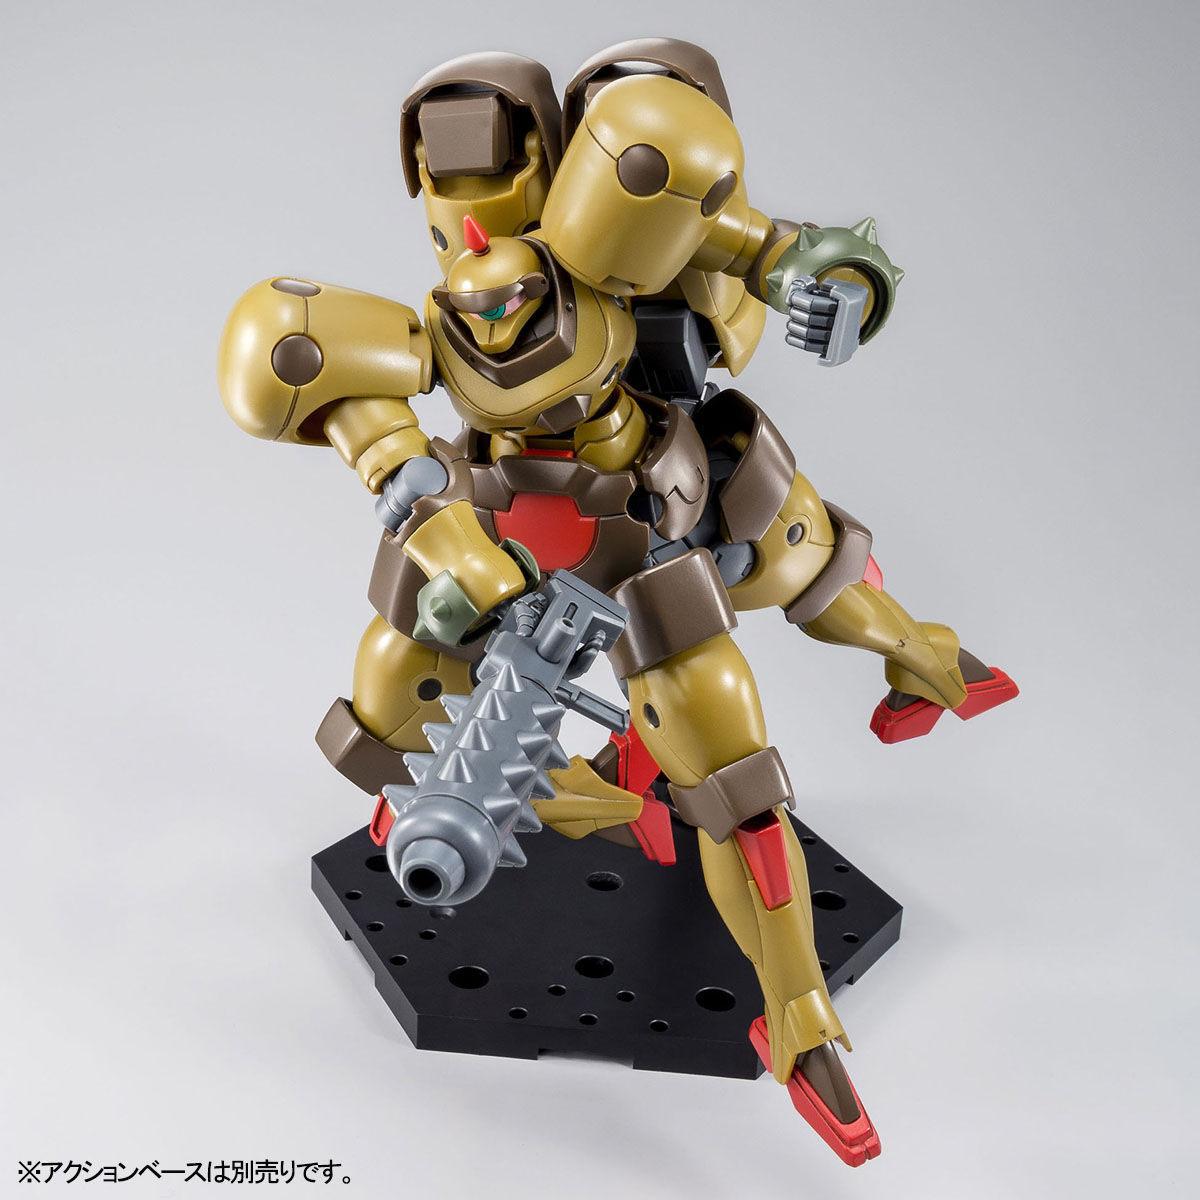 【限定販売】HG 1/144『デスビースト』機動武闘伝Gガンダム プラモデル-008